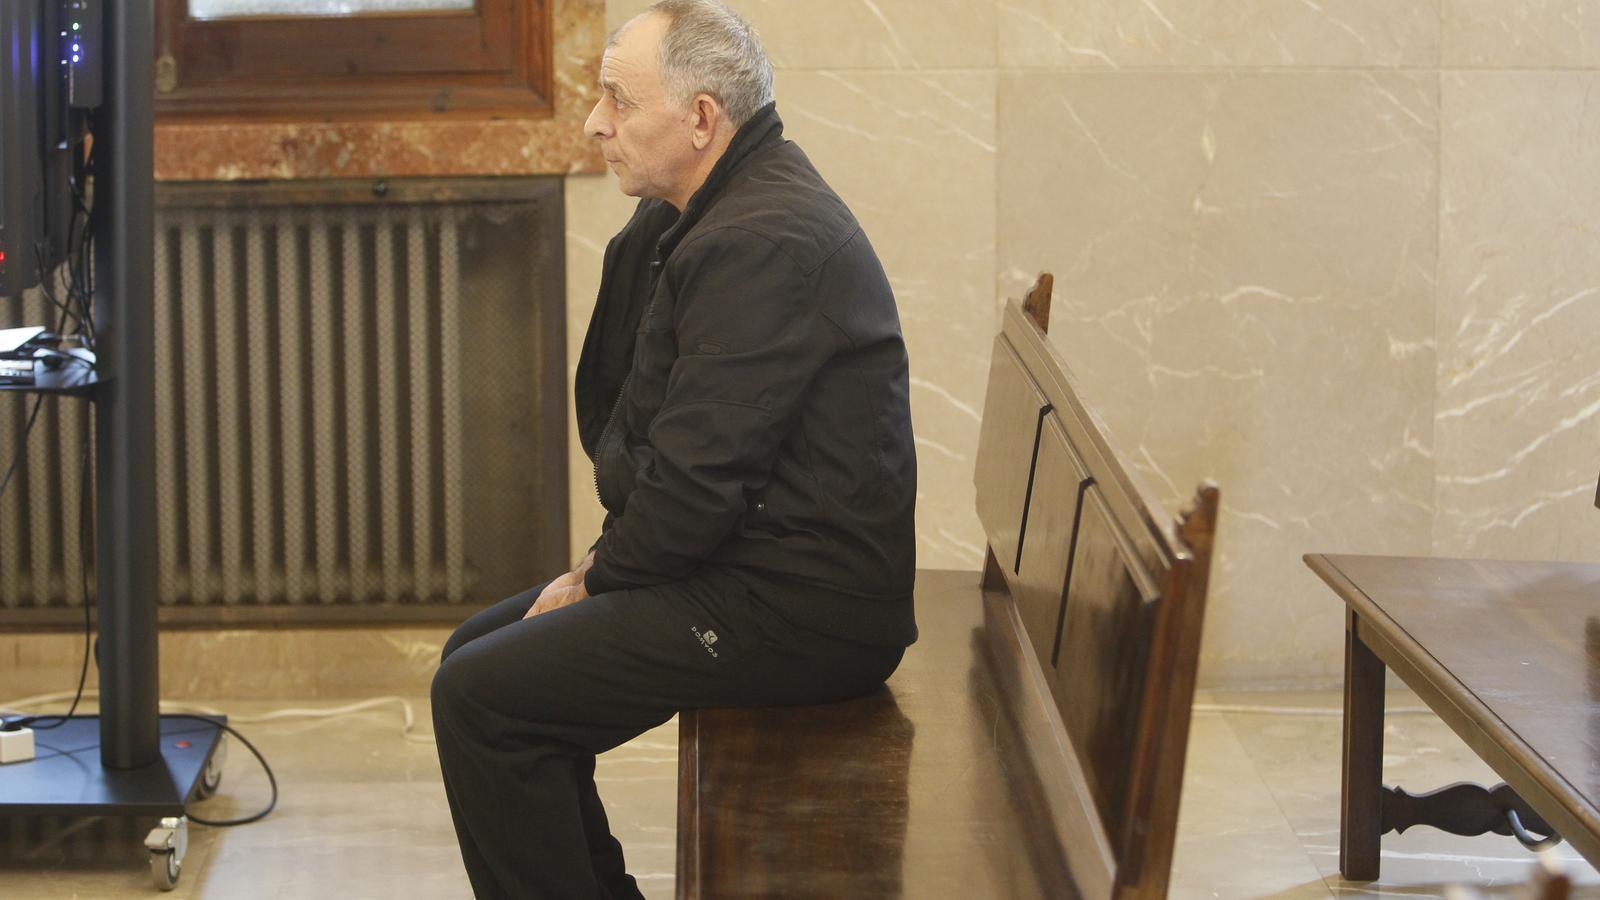 """La Guàrdia Civil: """"Patrascu estava nerviosa, va dir que tenia por i que volia denunciar al seu marit"""""""